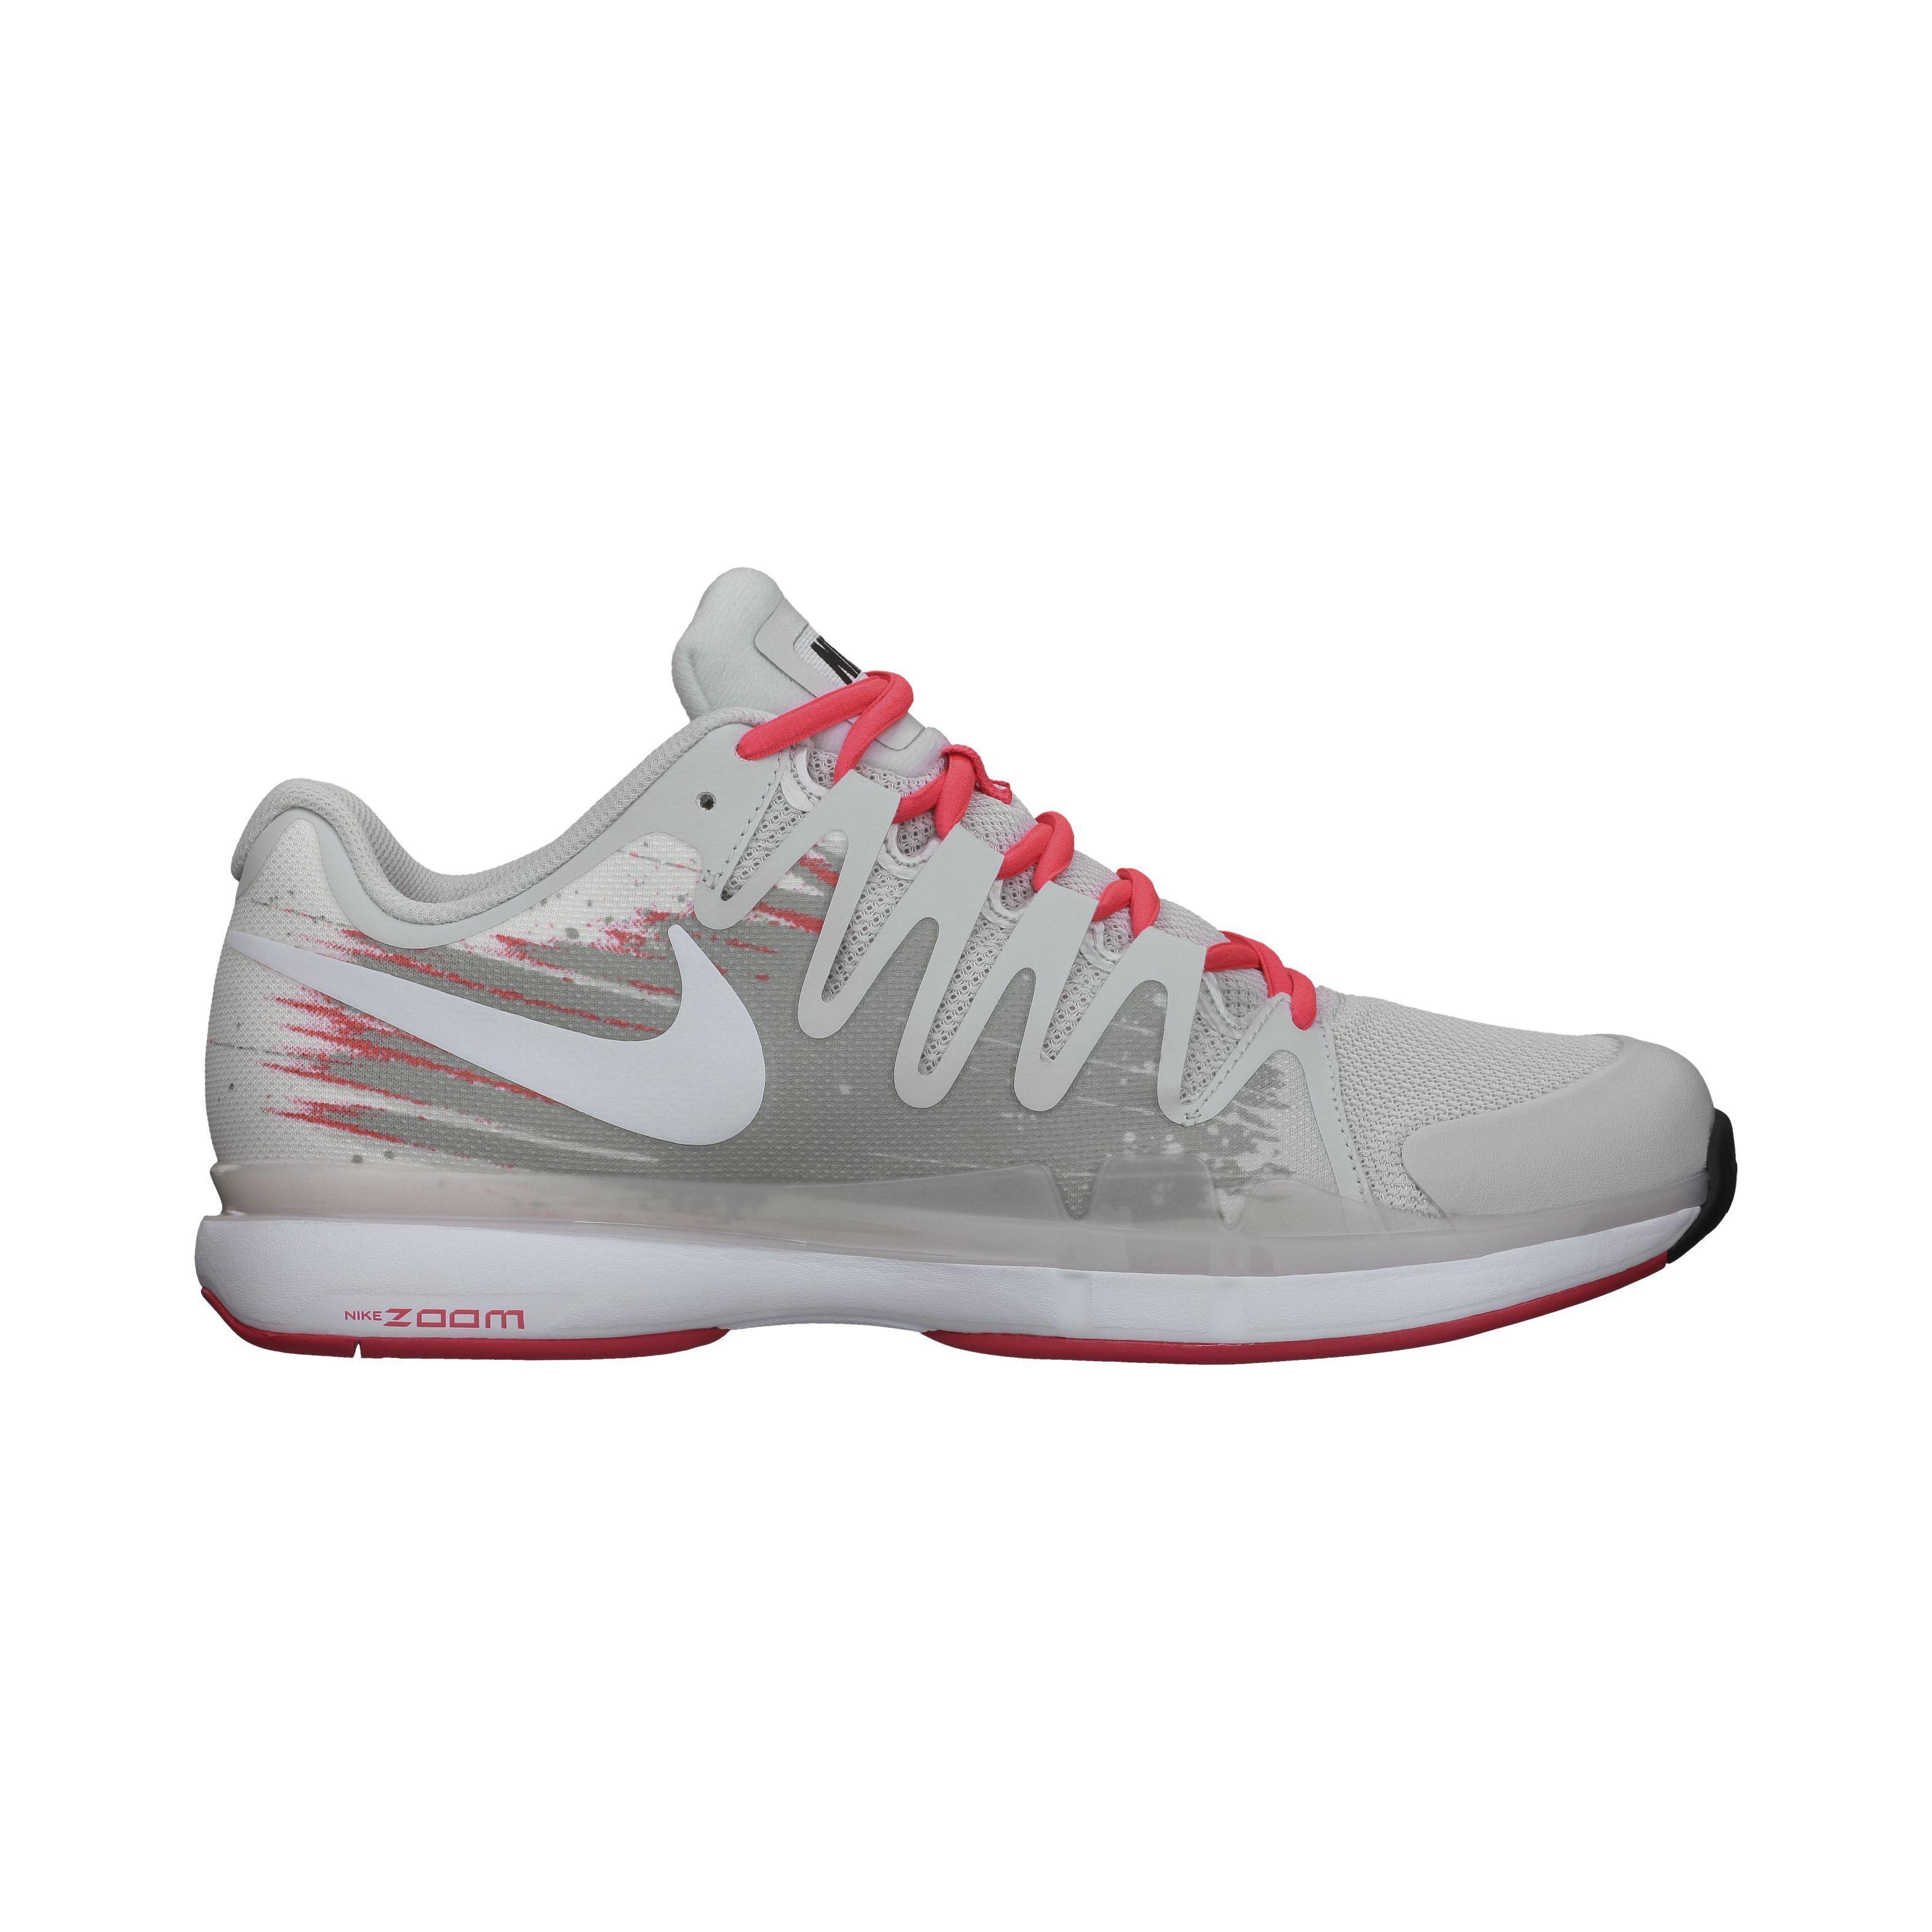 2633a131e6cddf Nike Mens Zoom Vapor 9.5 Tour Tennis Shoes - Grey Laser Crimson -  Tennisnuts.com